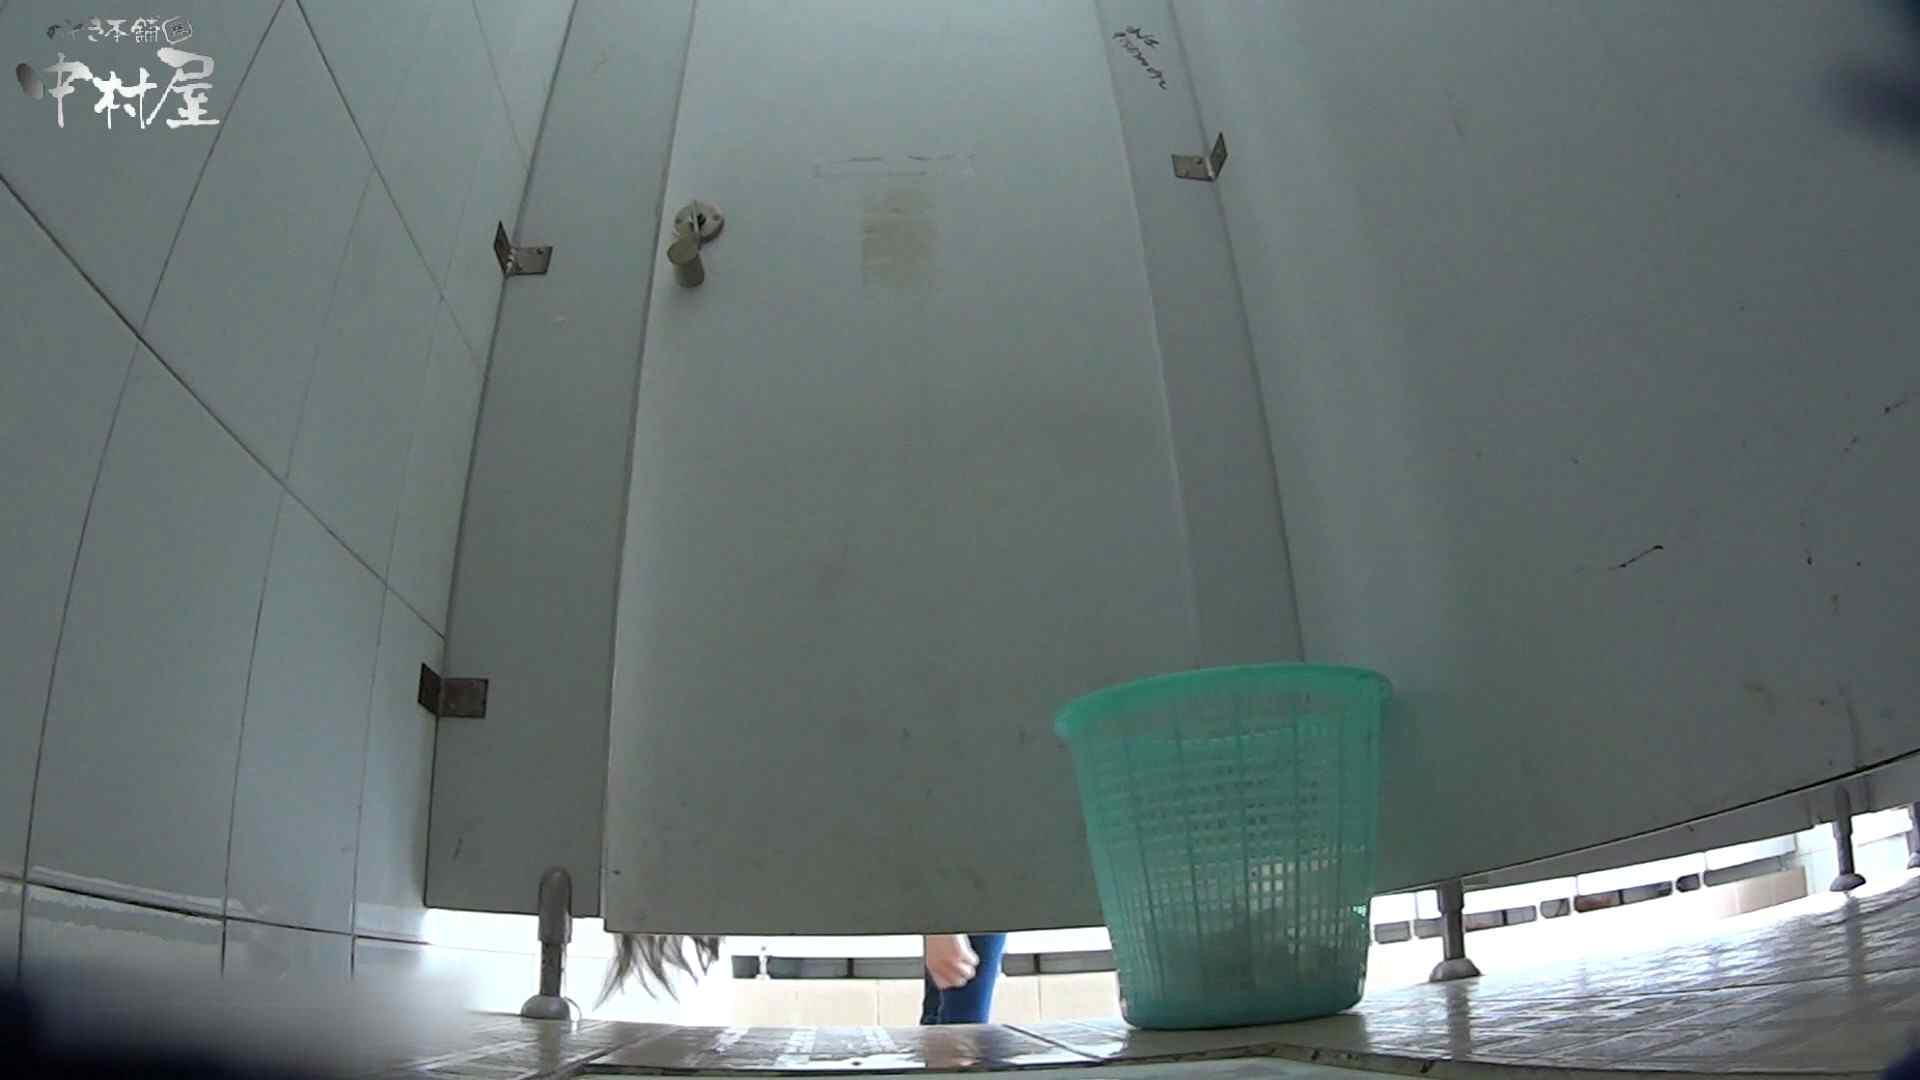 美しい女良たちのトイレ事情 有名大学休憩時間の洗面所事情06 高画質 | 美女  92pic 32